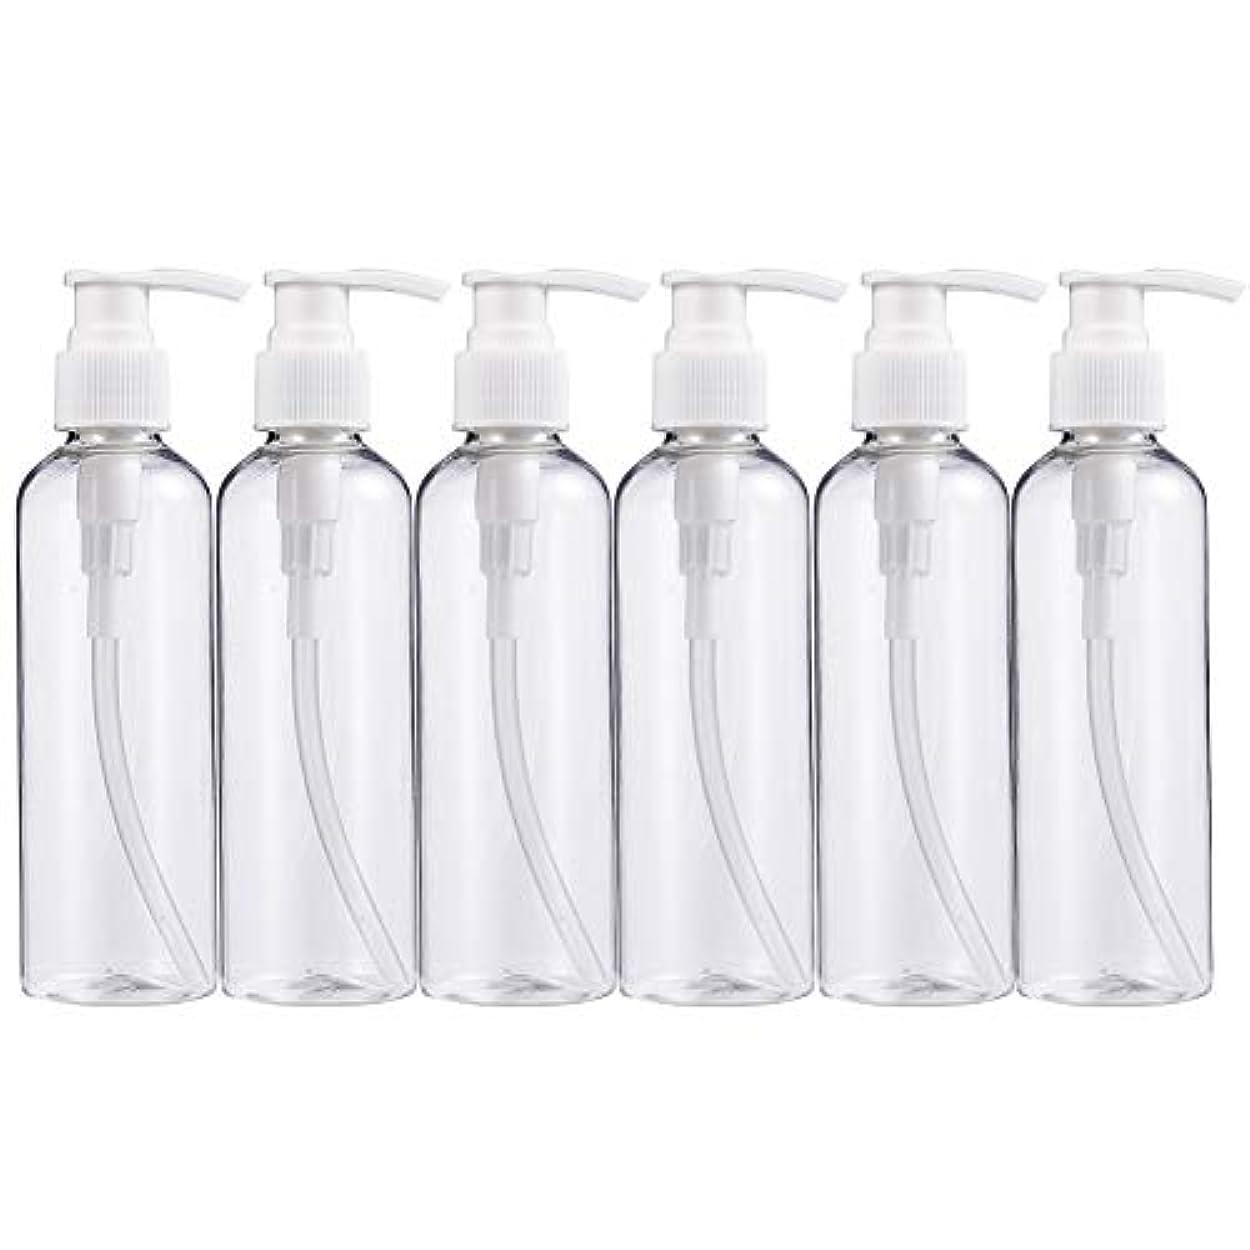 中国五金銭的BENECREAT 200mlプラスティックスボトル 6個セット小分けボトル プラスチック容器 液体用空ボトル 押し式詰替用ボトル 詰め替え シャンプー クリーム 化粧品 収納瓶